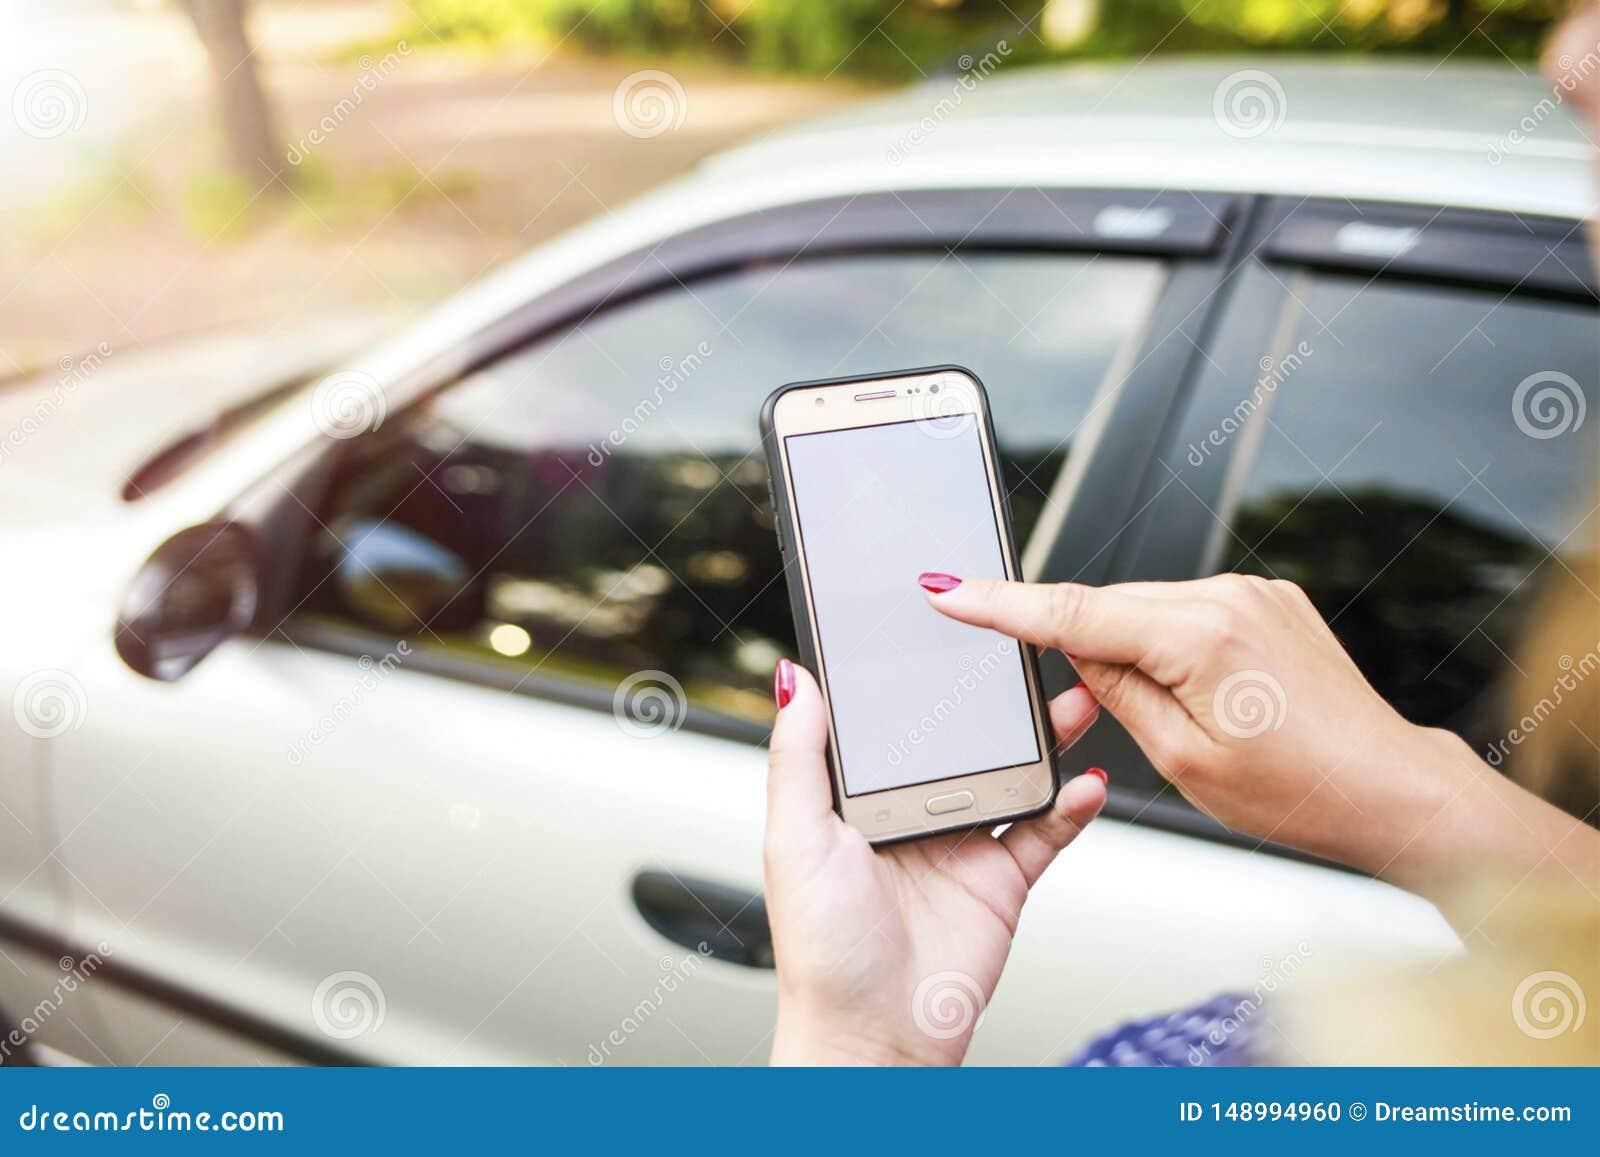 女孩在汽车的背景中的拿着一个电话 使用电话汽车分享的题材租车